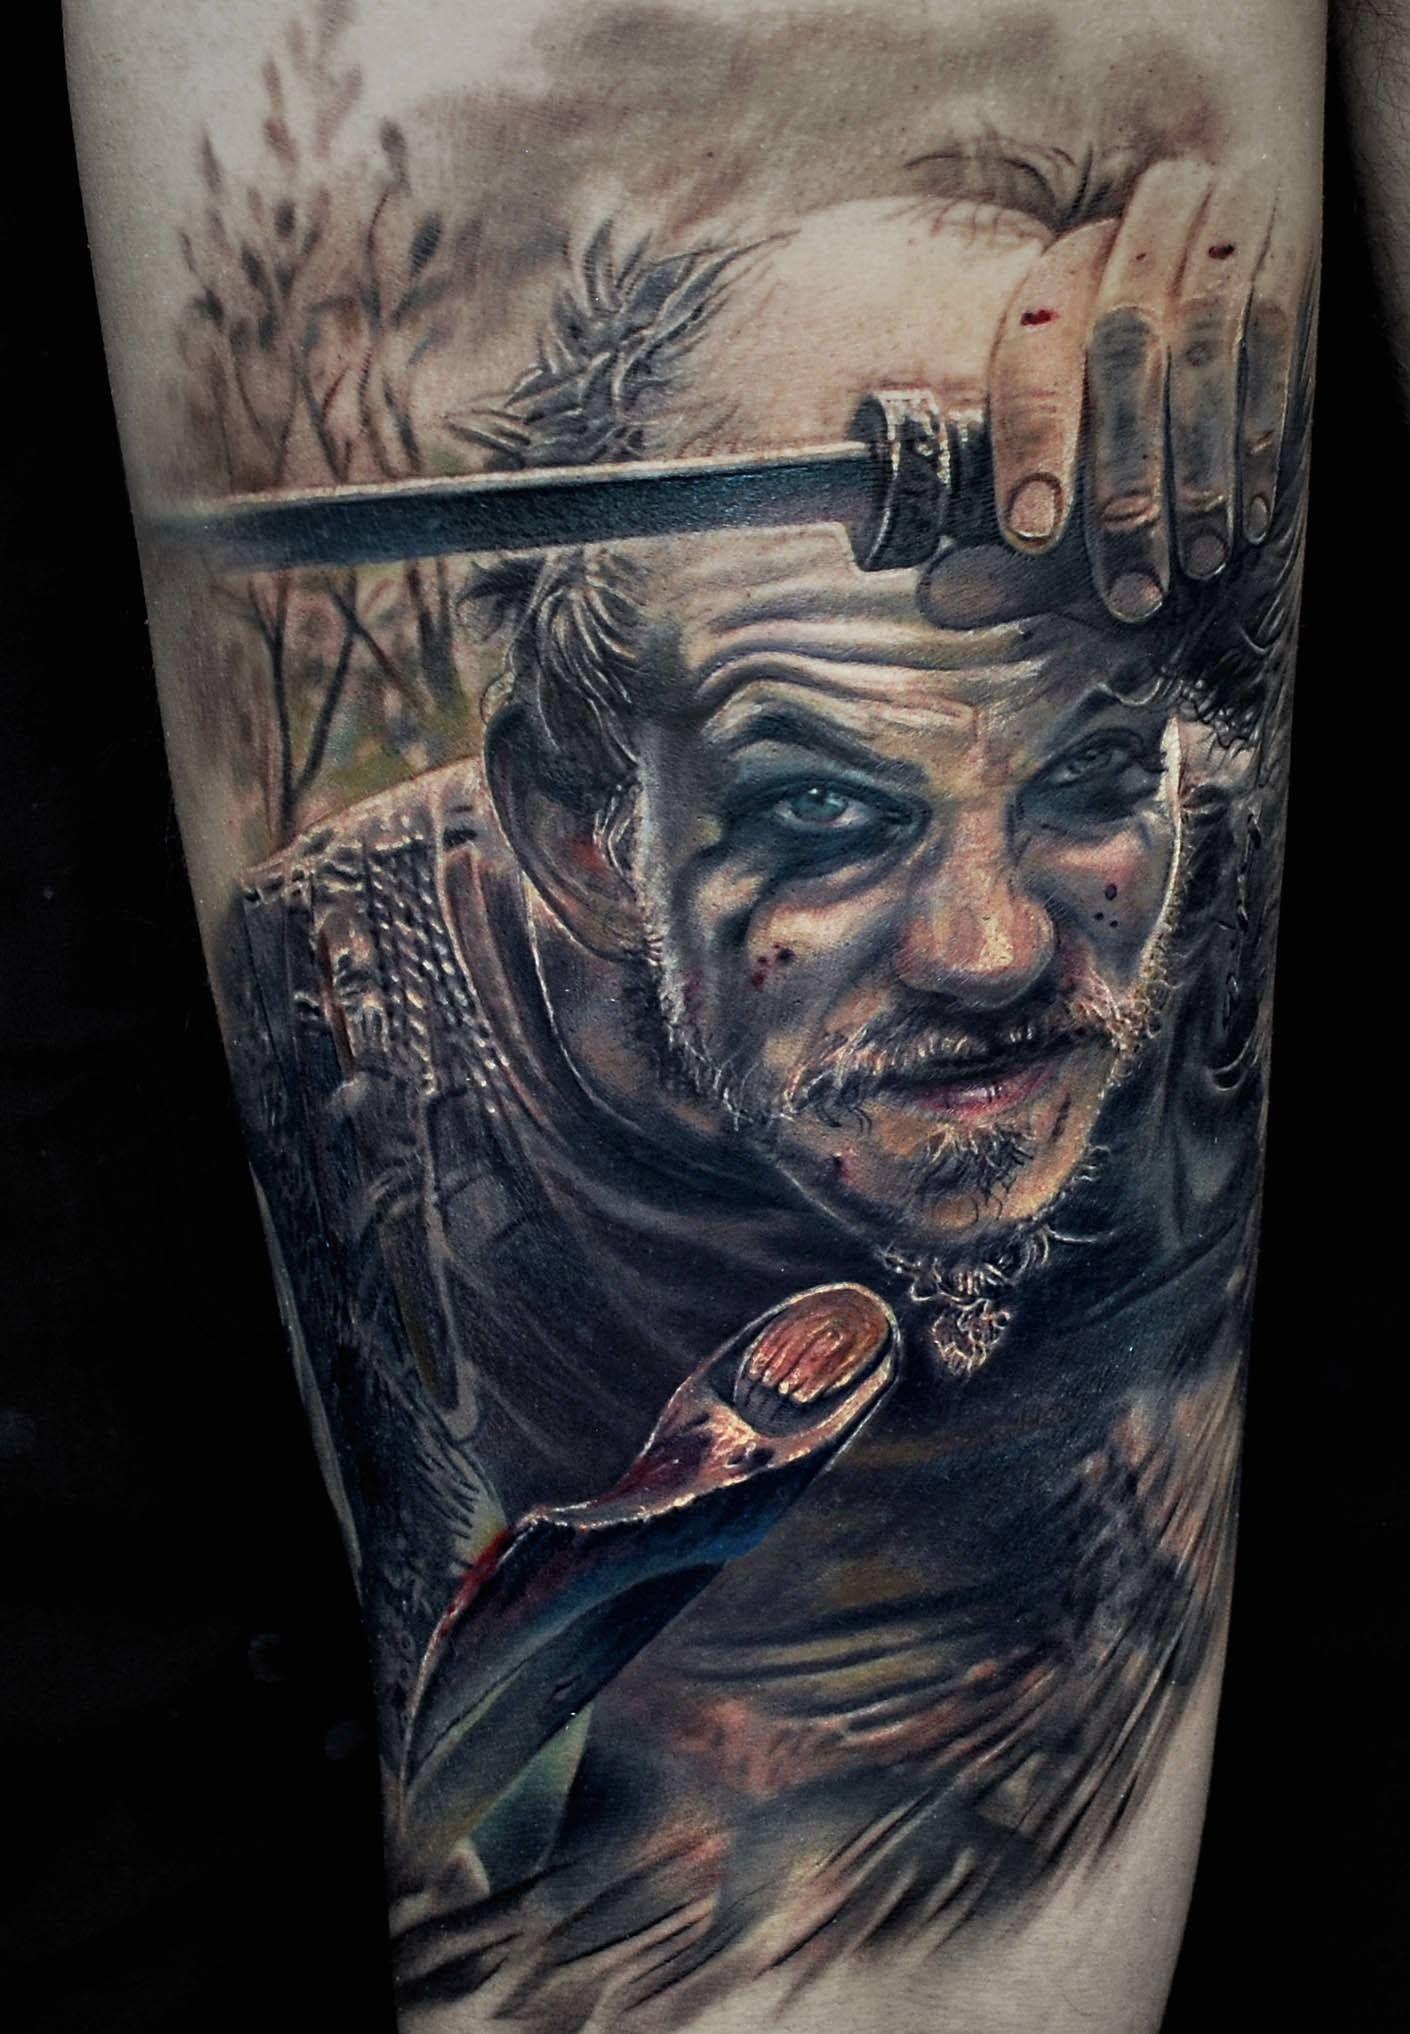 Floki Tattoos: Floki, Impressive Personality